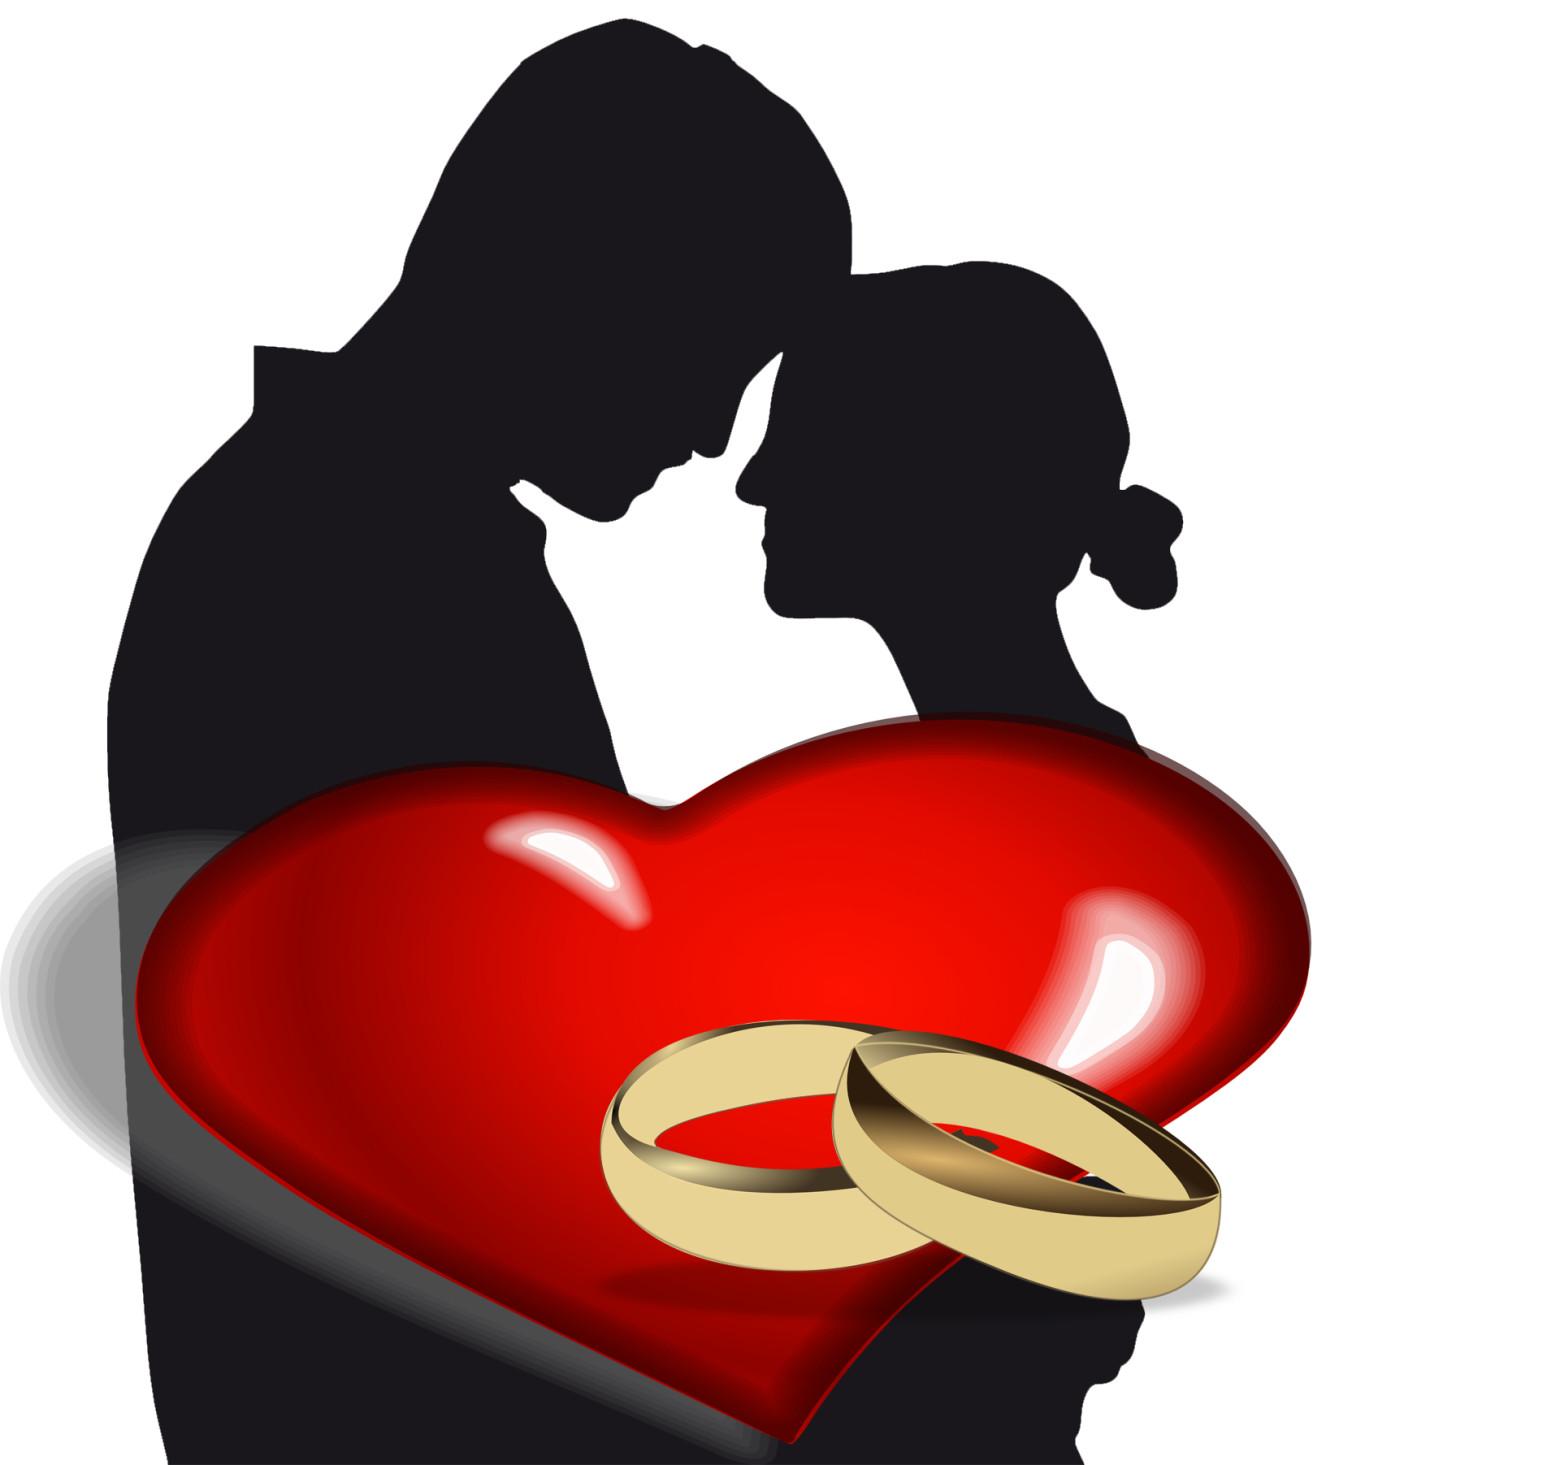 D claration d 39 amour demande en mariage image gratuites - Image d amour gratuite ...